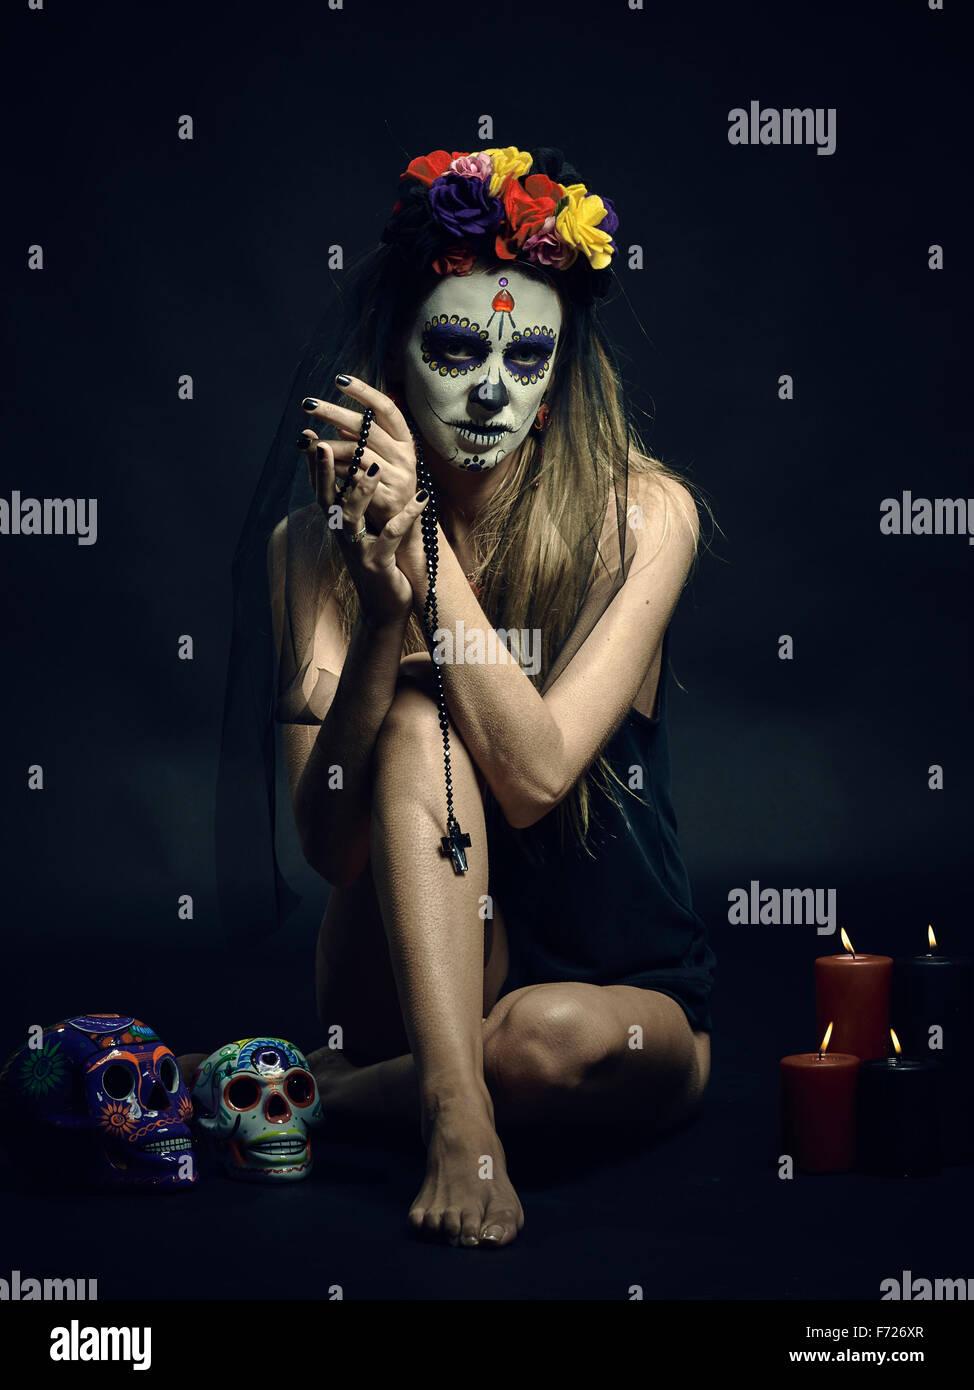 La Muerte. Jour de l'mexicain classique maquillage de mort Photo Stock